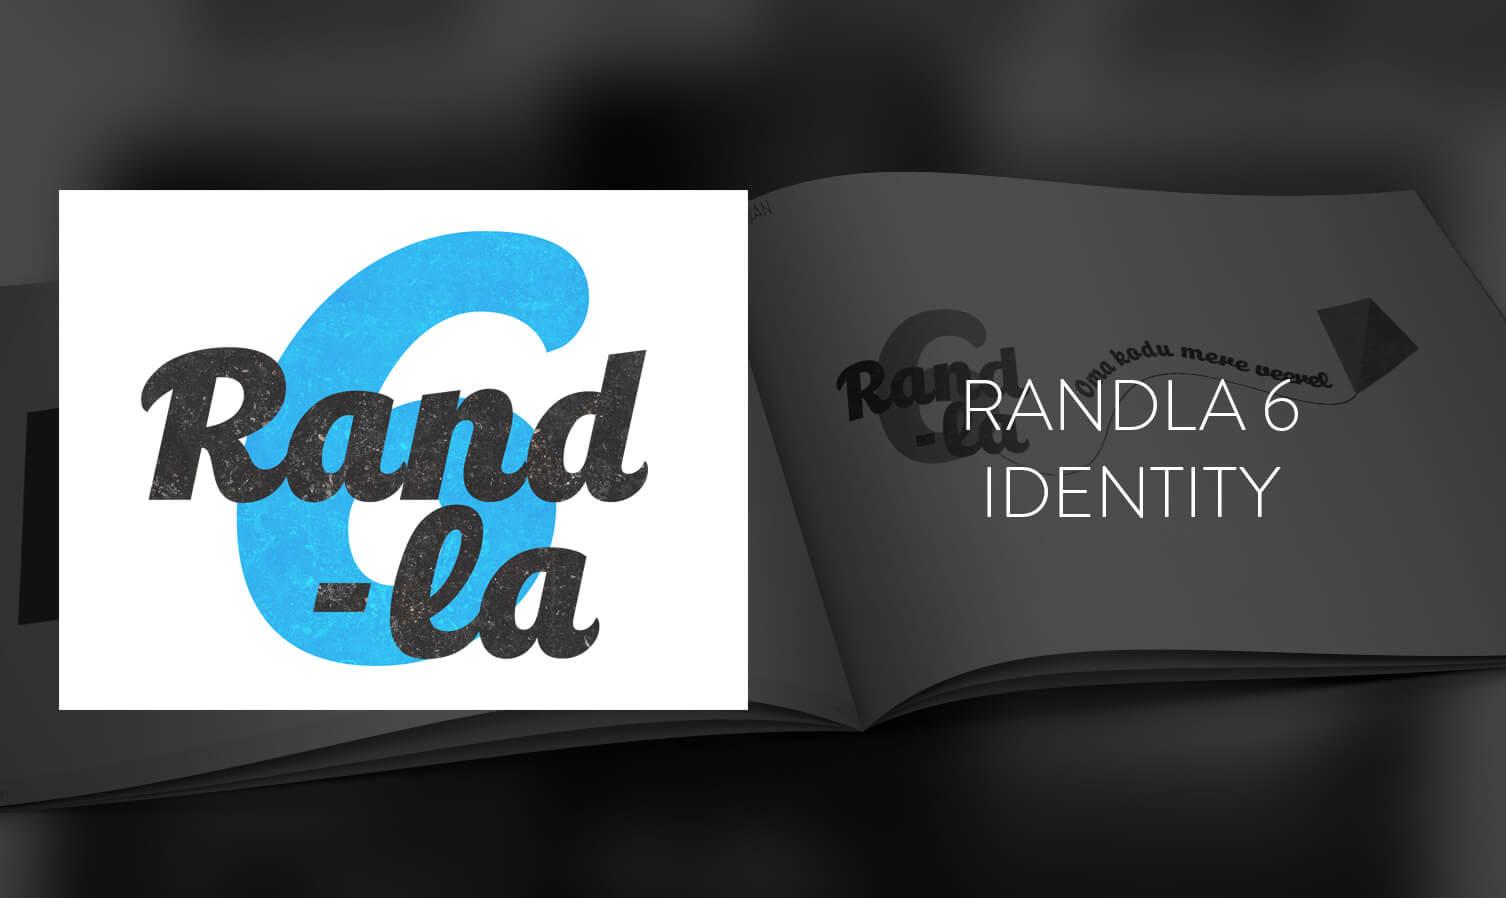 randla6-main-en